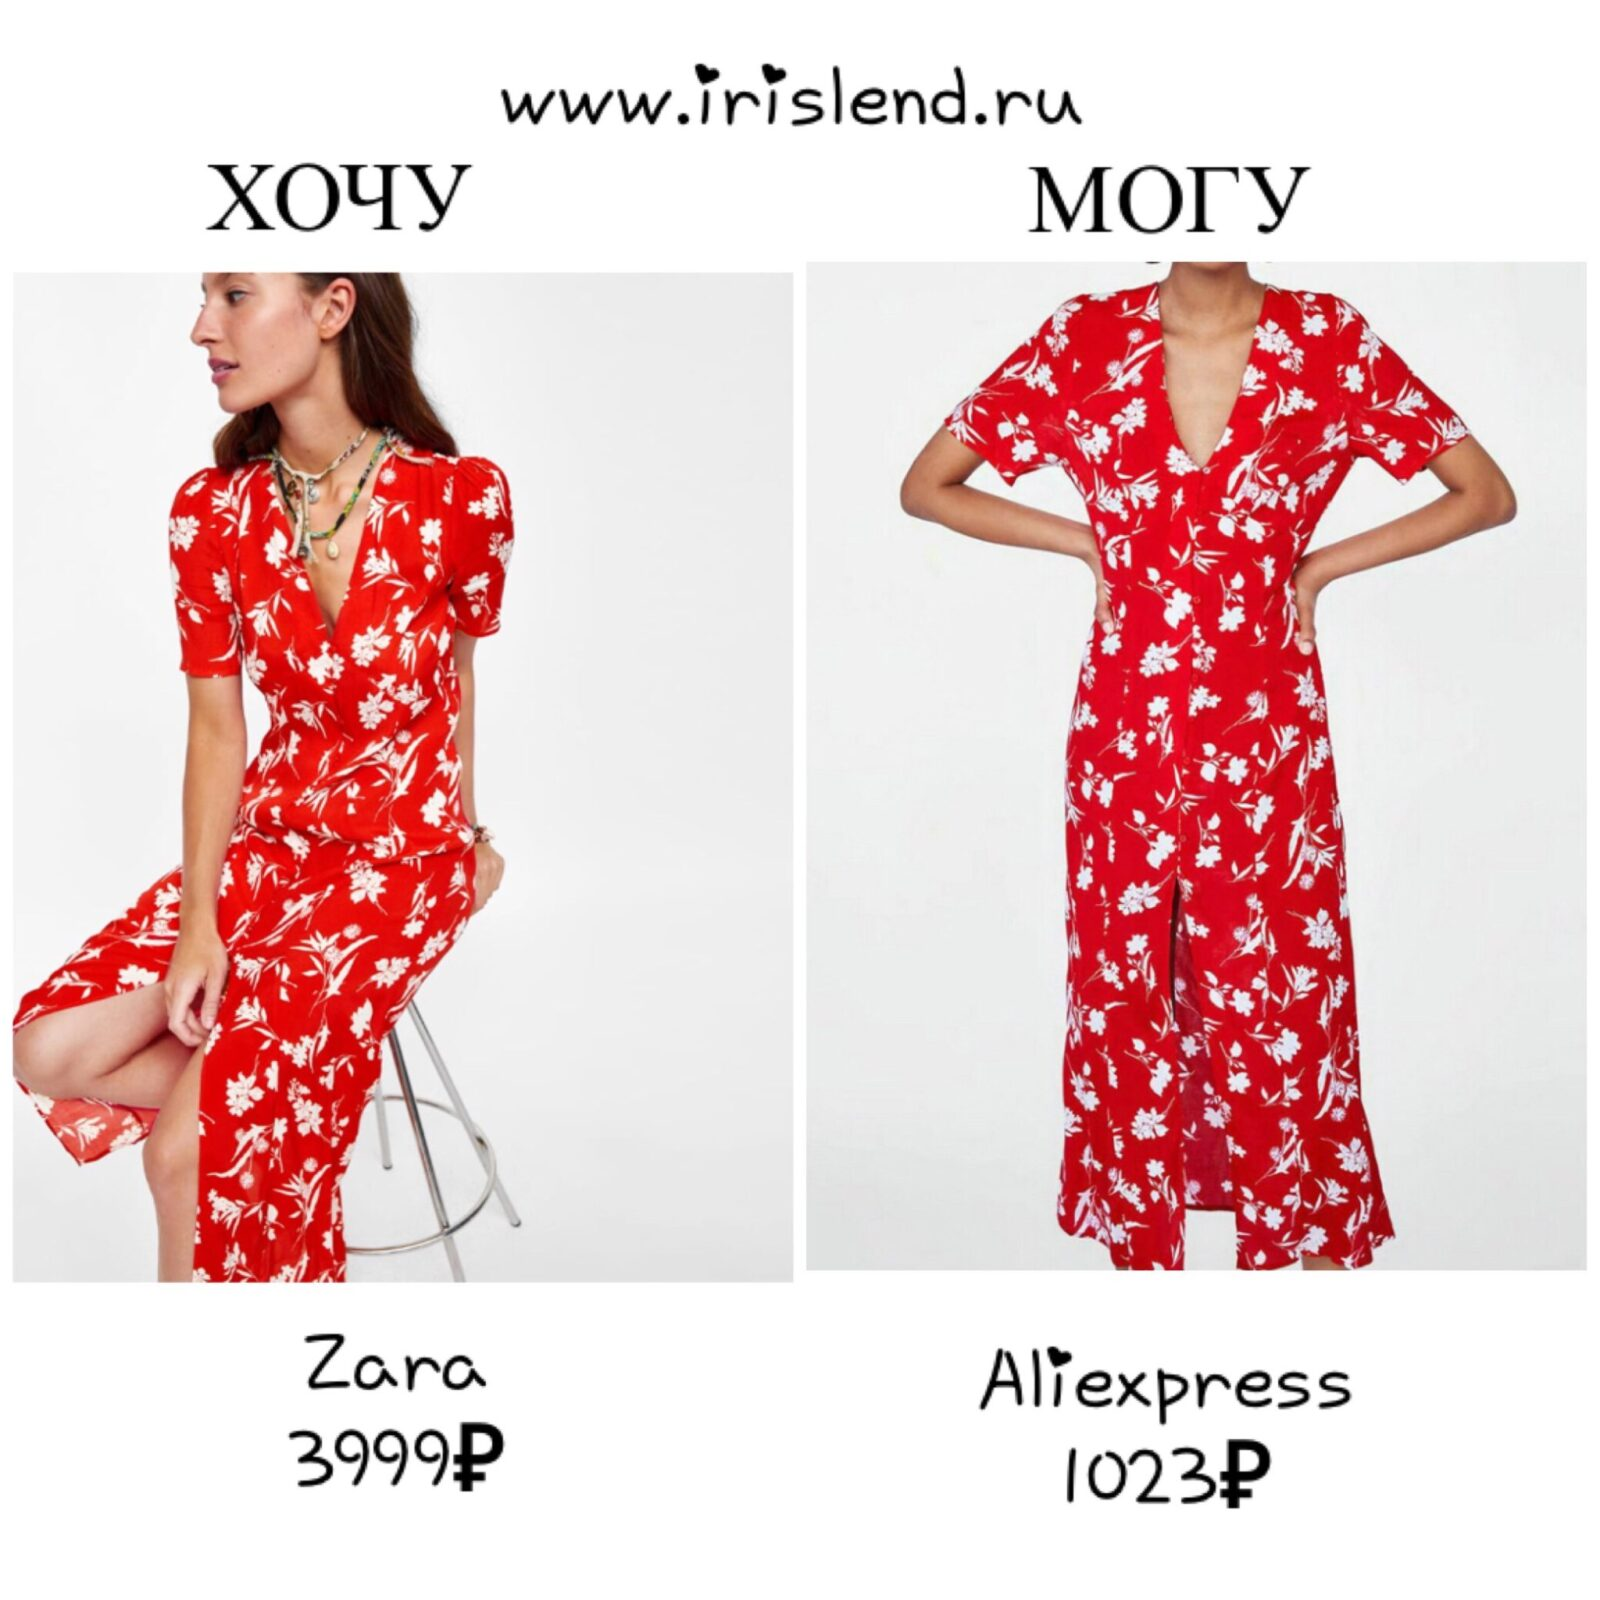 d3592e7d44c Купить платье Zara на Алиэкспресс в 3 раза дешевле http   ali.pub 2l1exs